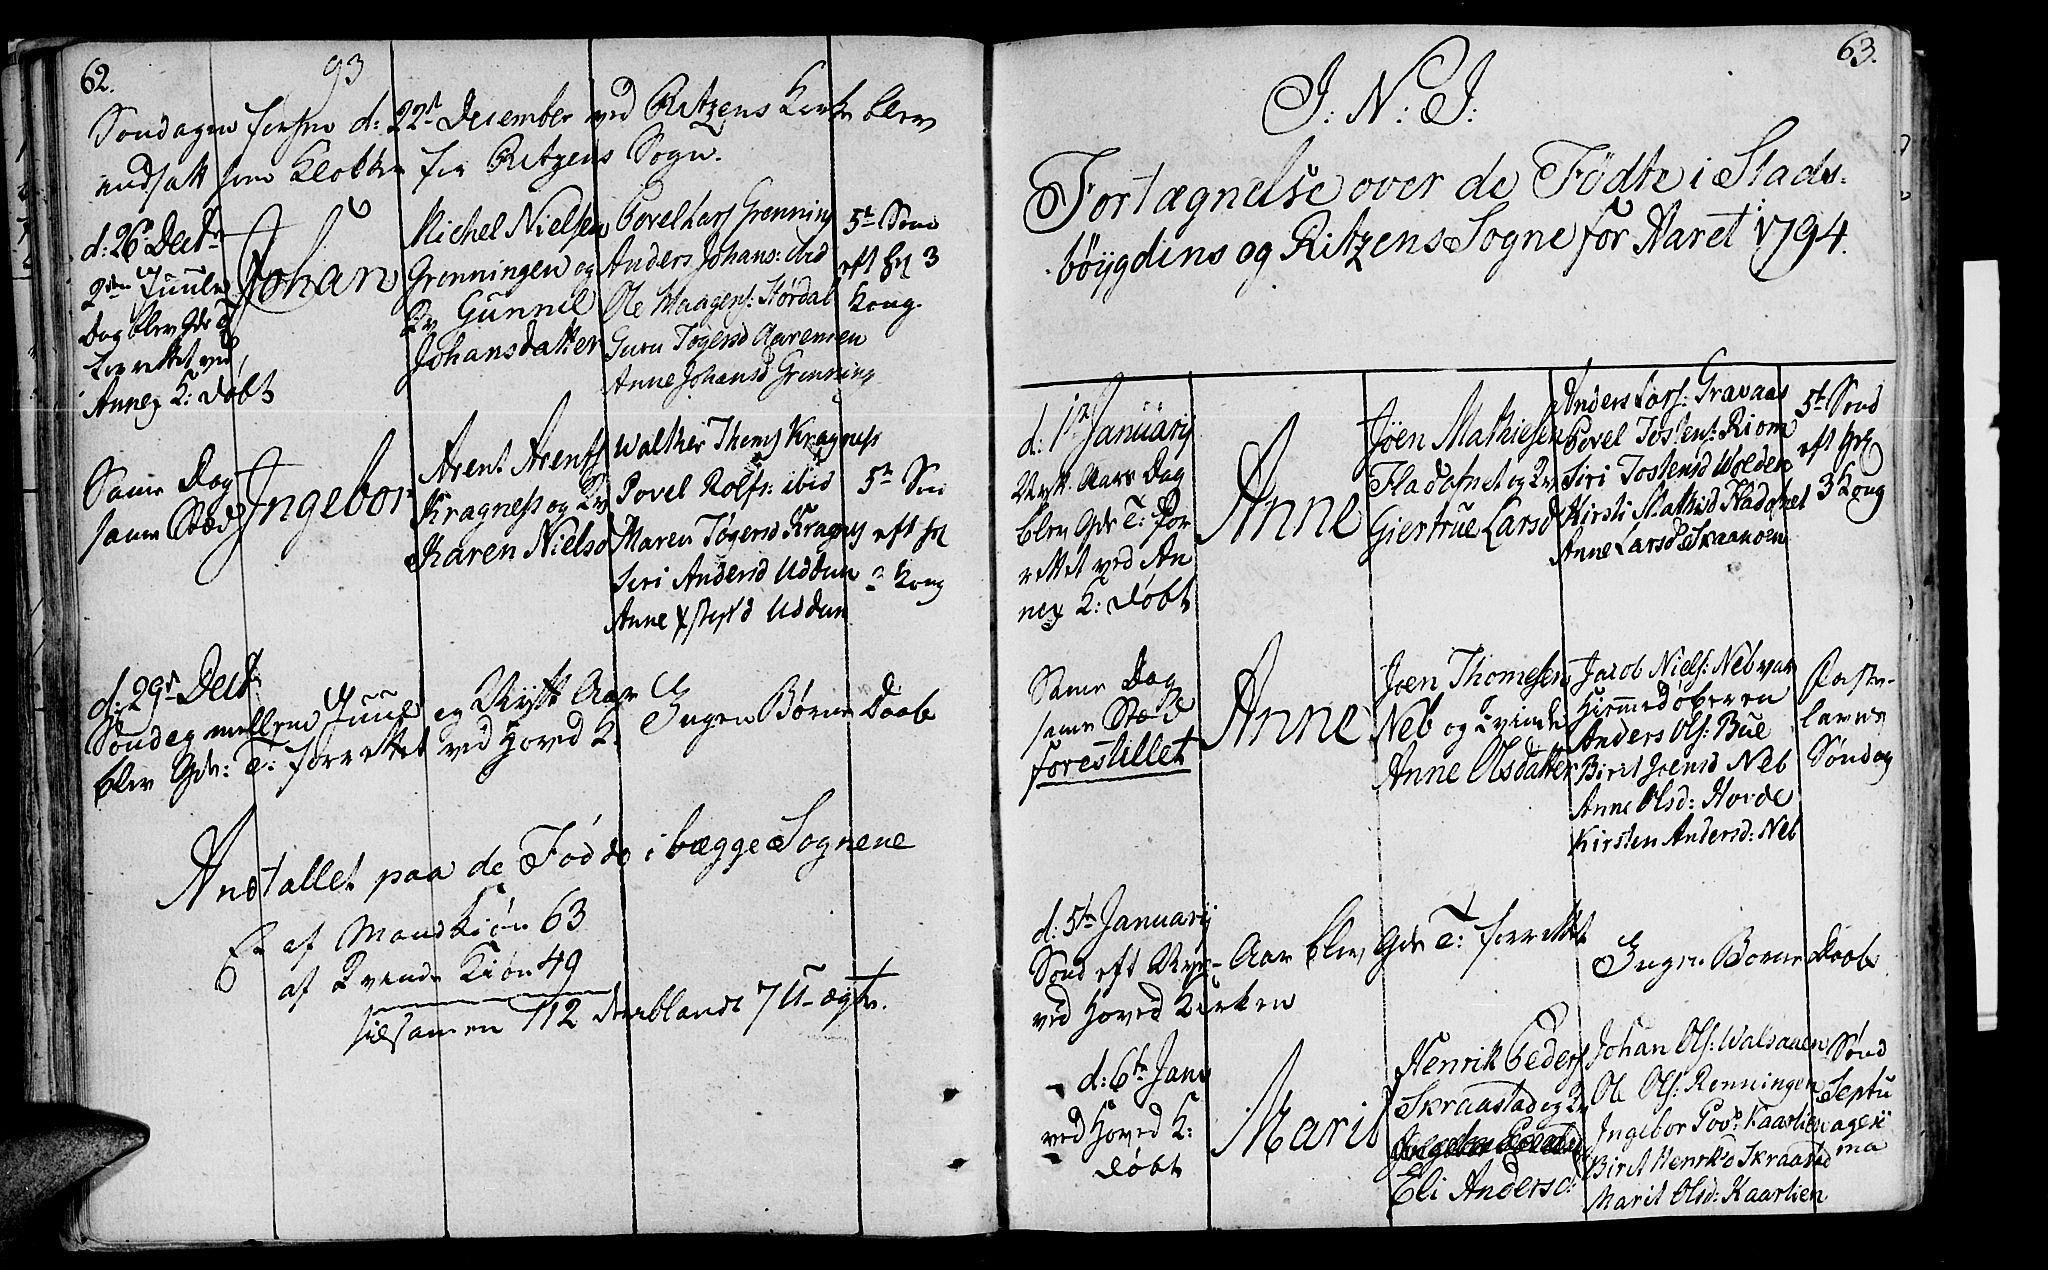 SAT, Ministerialprotokoller, klokkerbøker og fødselsregistre - Sør-Trøndelag, 646/L0606: Ministerialbok nr. 646A04, 1791-1805, s. 62-63